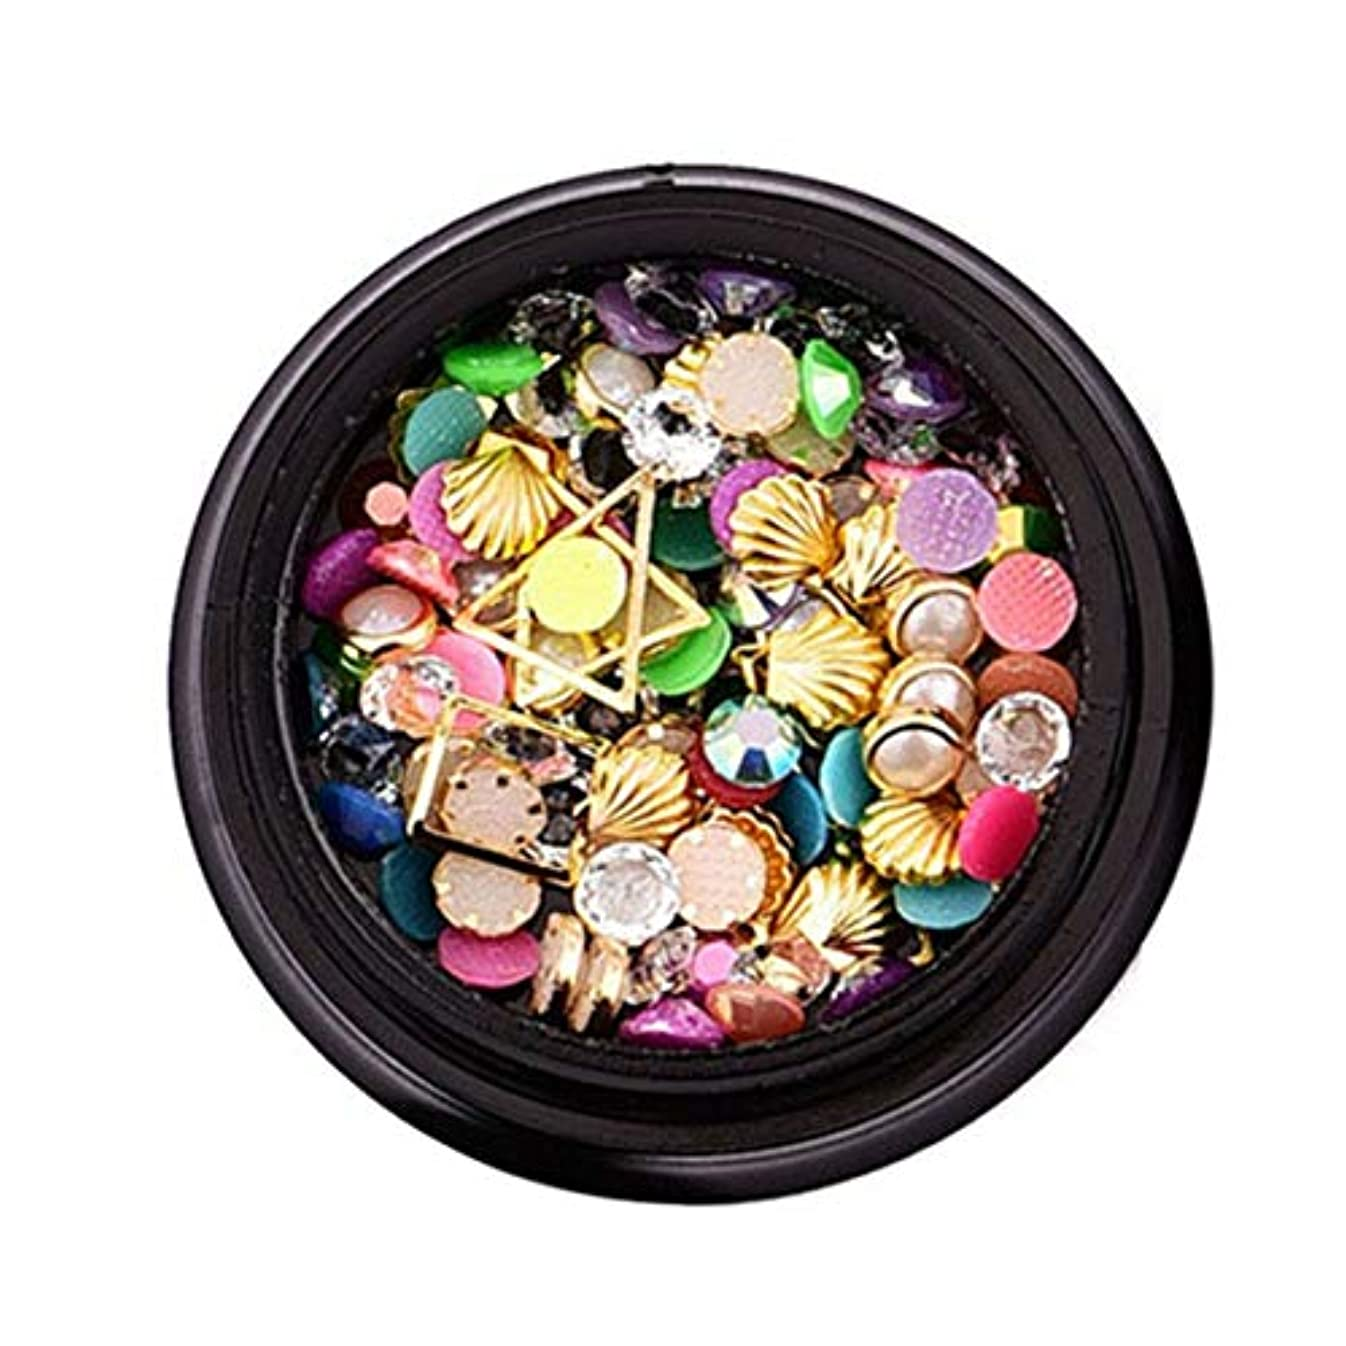 褐色スタウトミネラルIntercorey美しいネイルアート輝くラインストーンファッションネイルアートデコレーションネイルポリッシュアートツールプロフェッショナルマニキュアアクセサリー